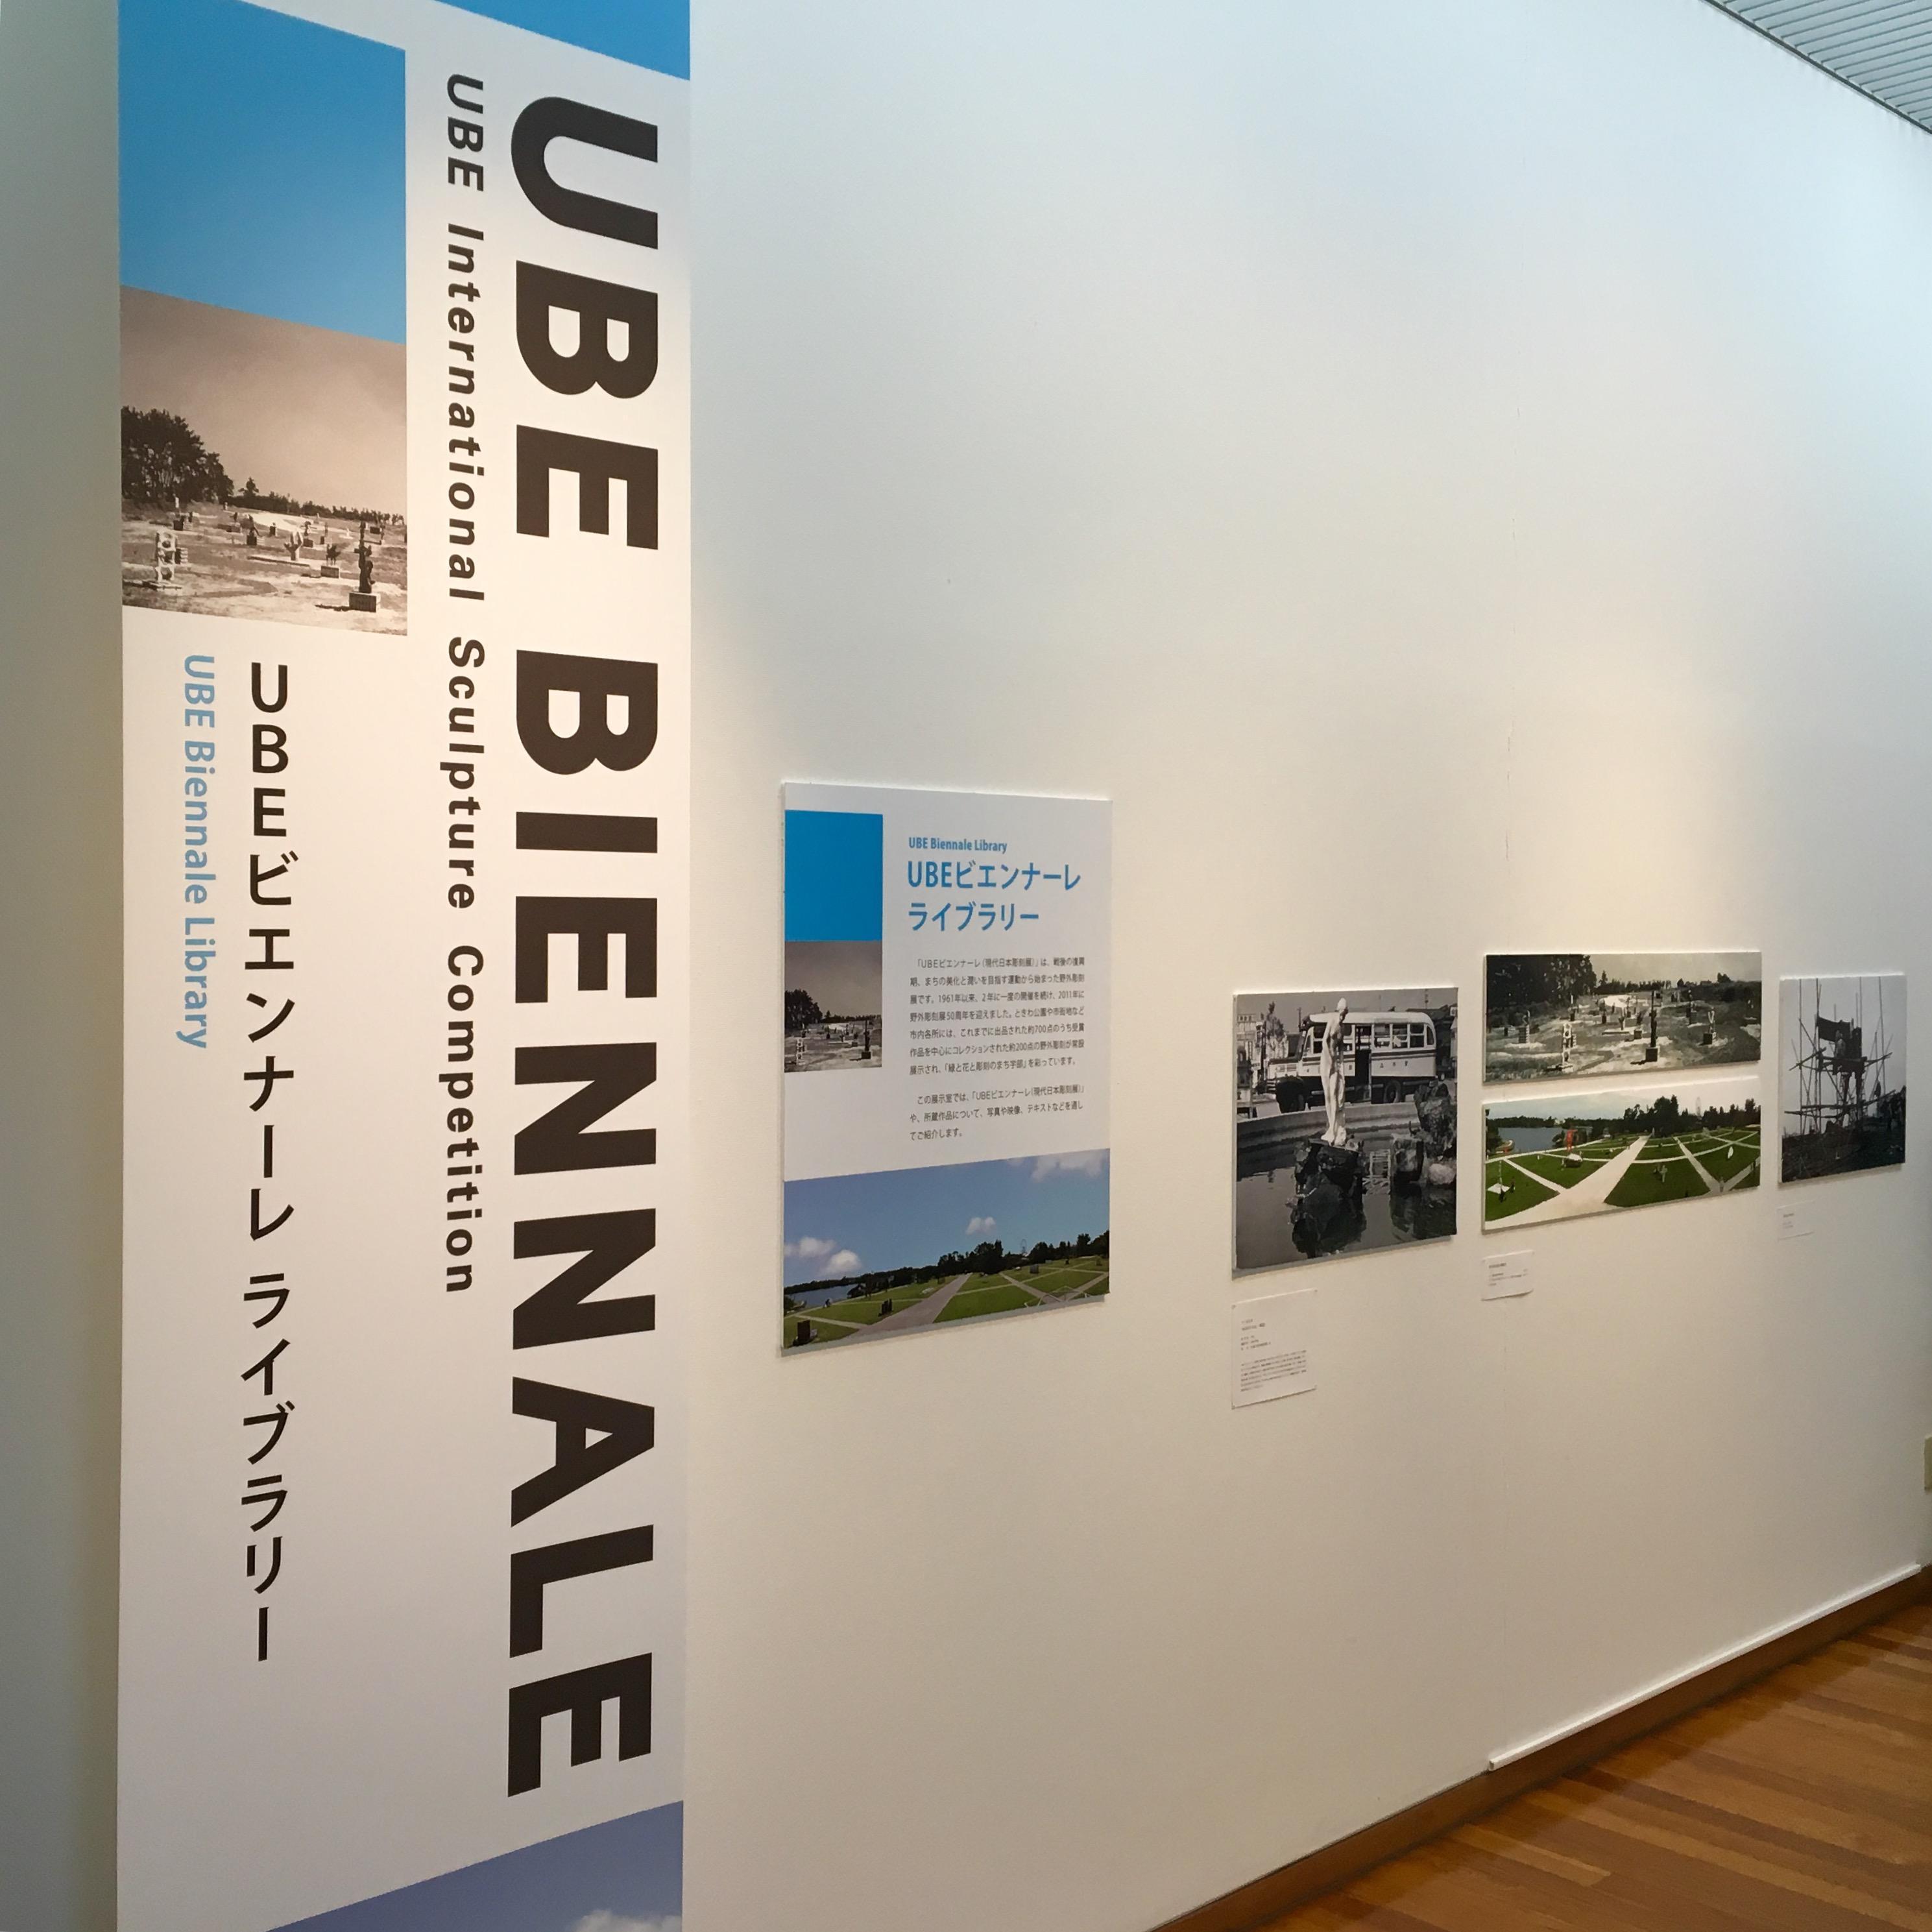 UBEビエンナーレライブラリー